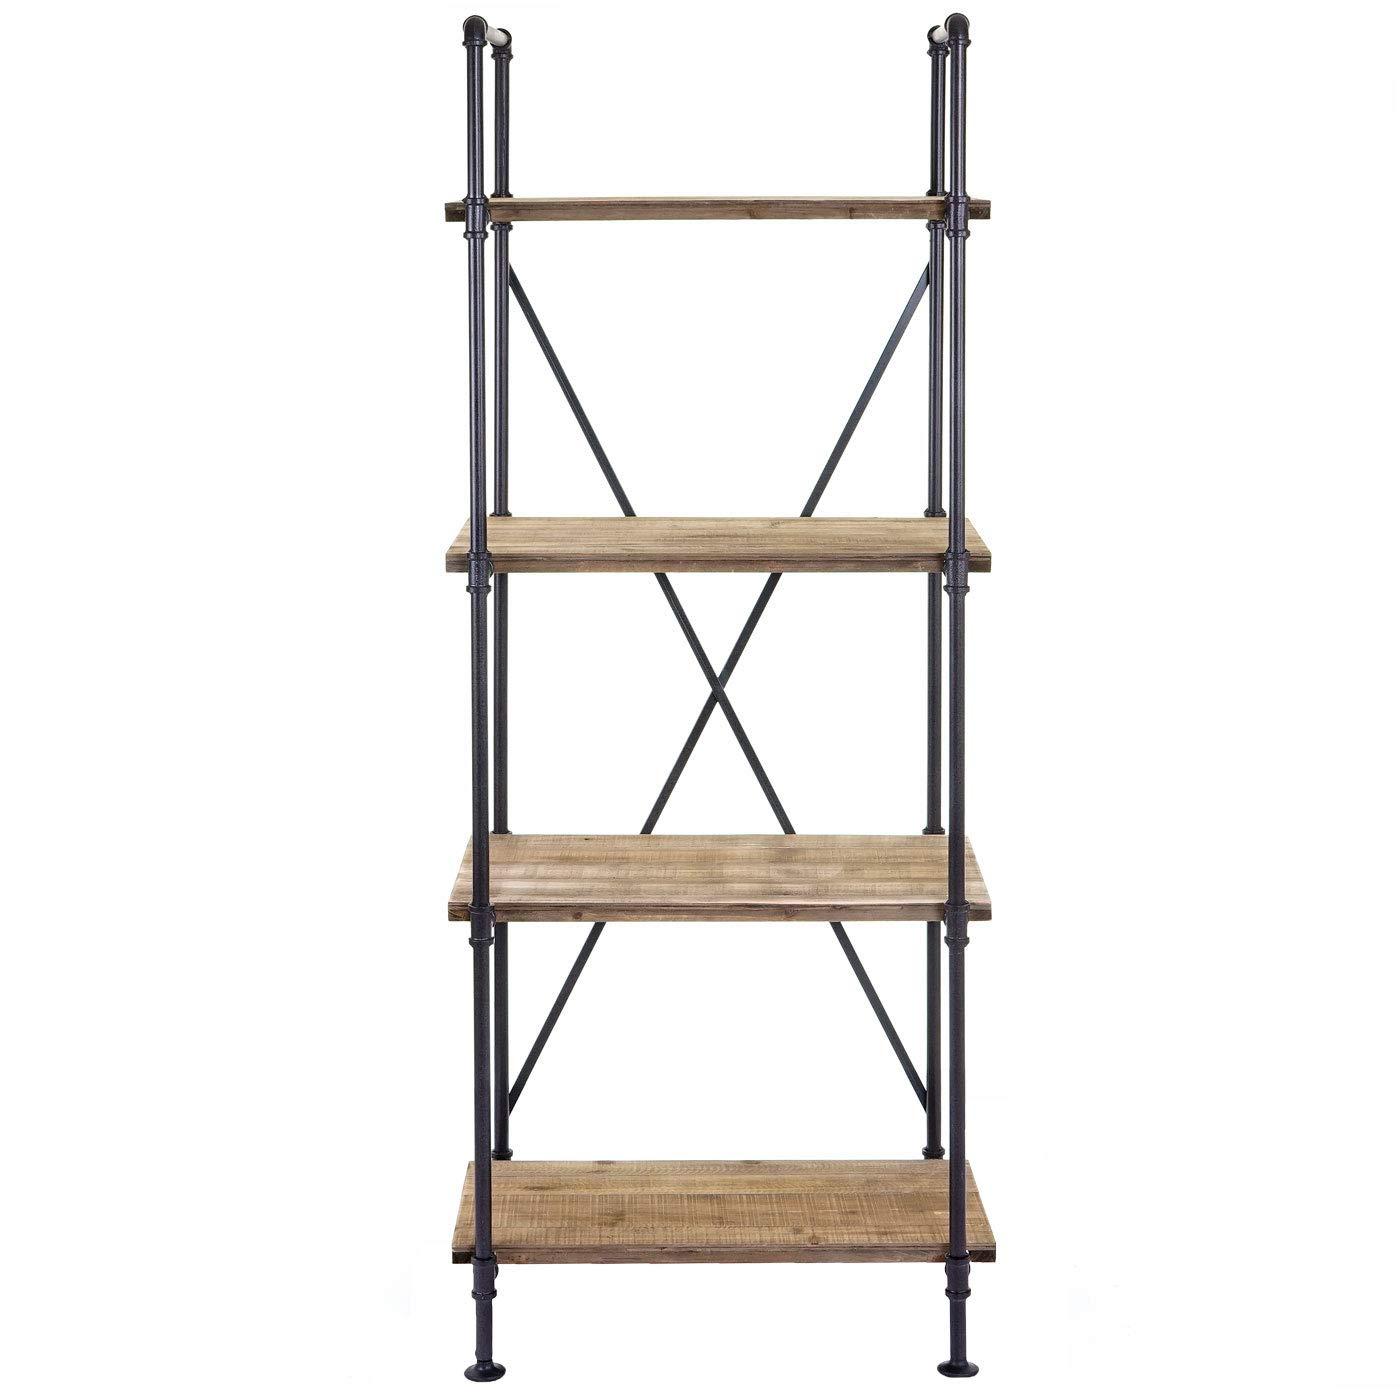 Design Industriel m/étal 156x60x40cm Mendler /Étag/ère ind/épendante HWC-D96 biblioth/èque 4 Fonds de rayonnage